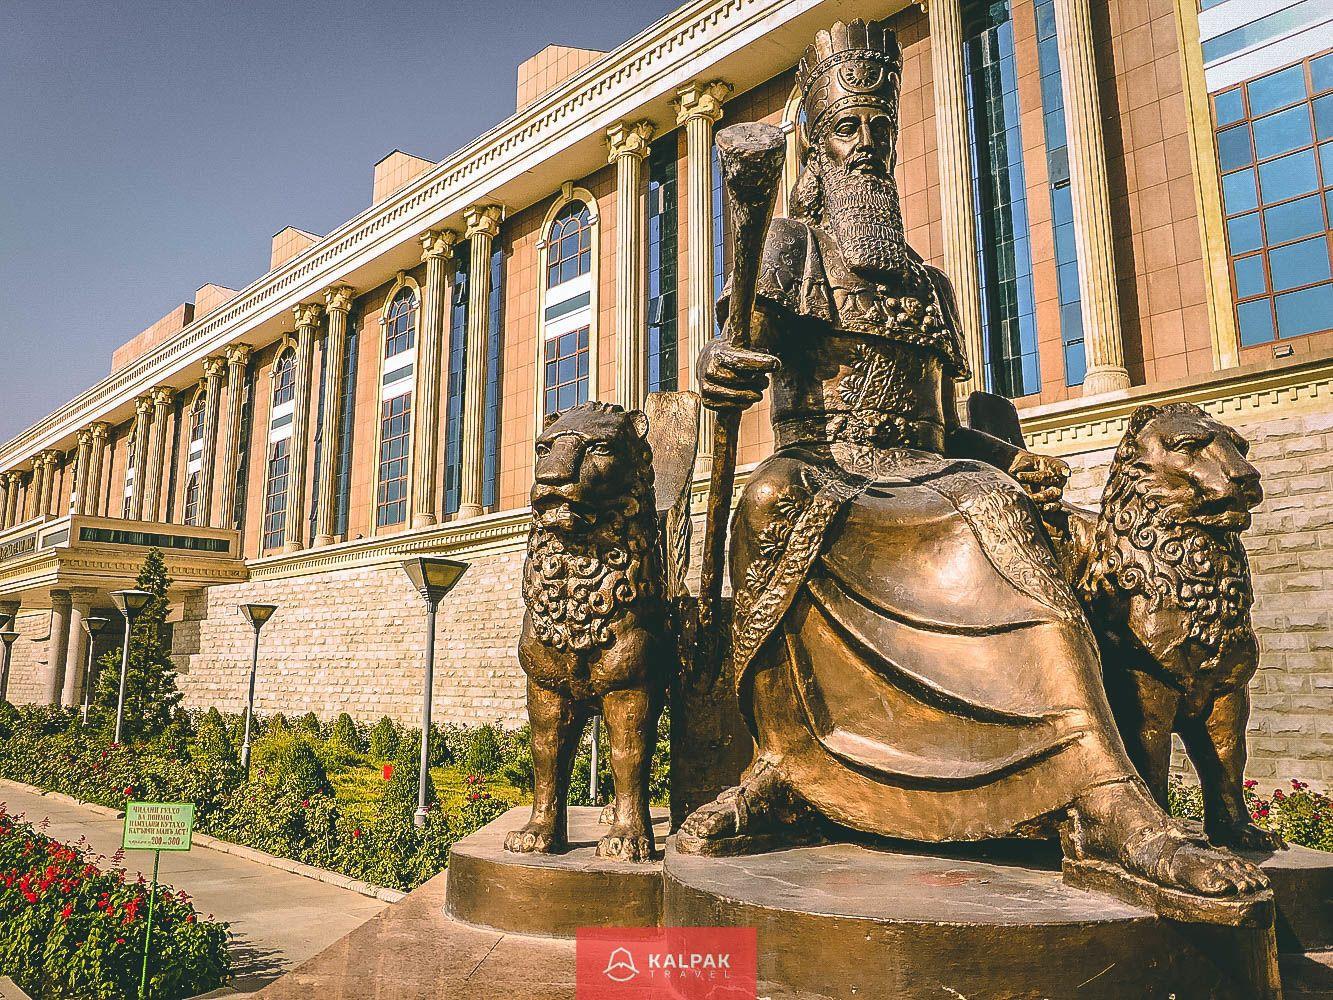 Tajikistan's capital city - Dushanbe